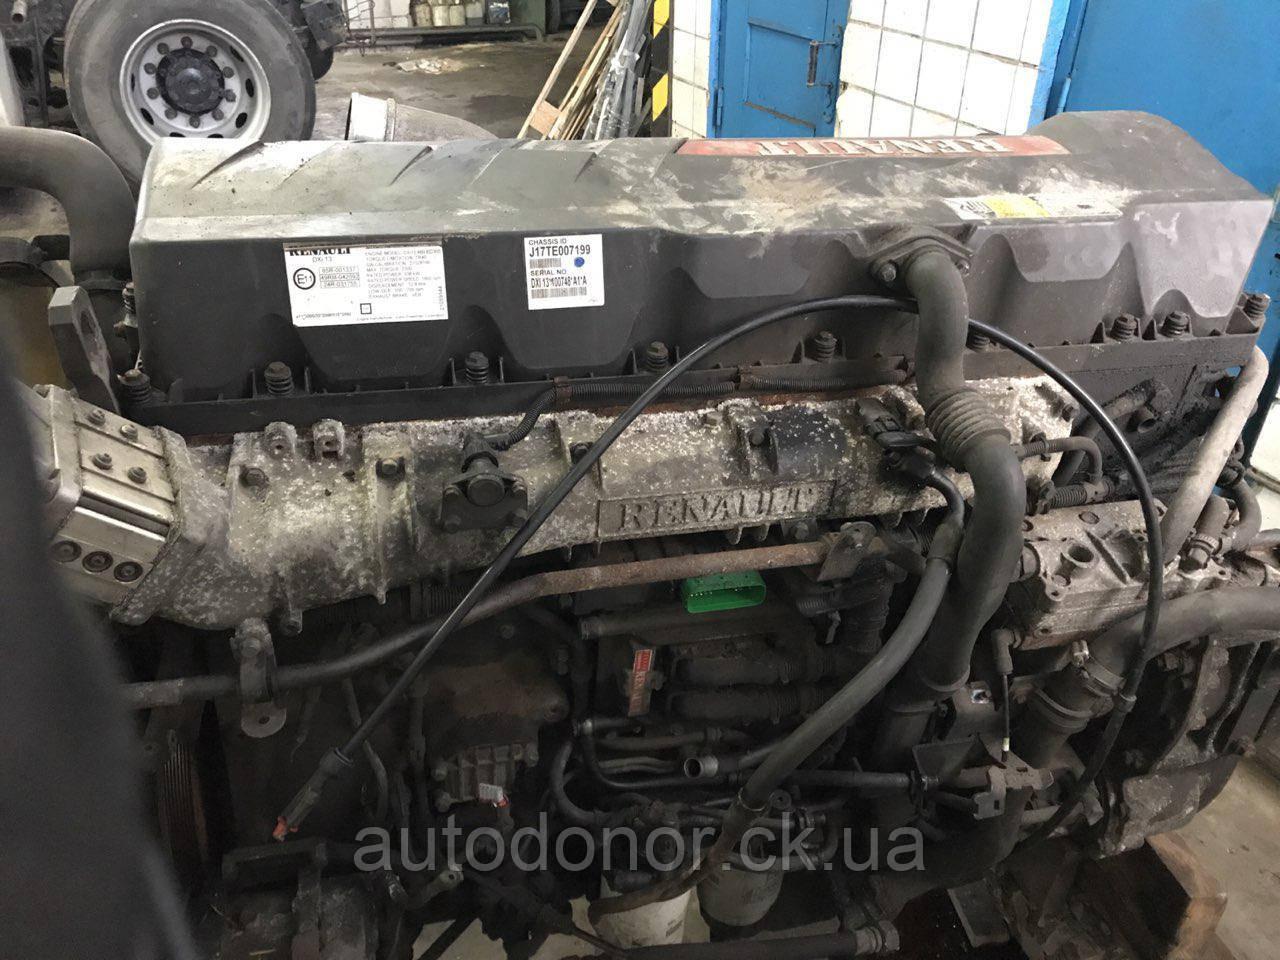 Двигатель  Renault Magnum Dxi13 460 euro5